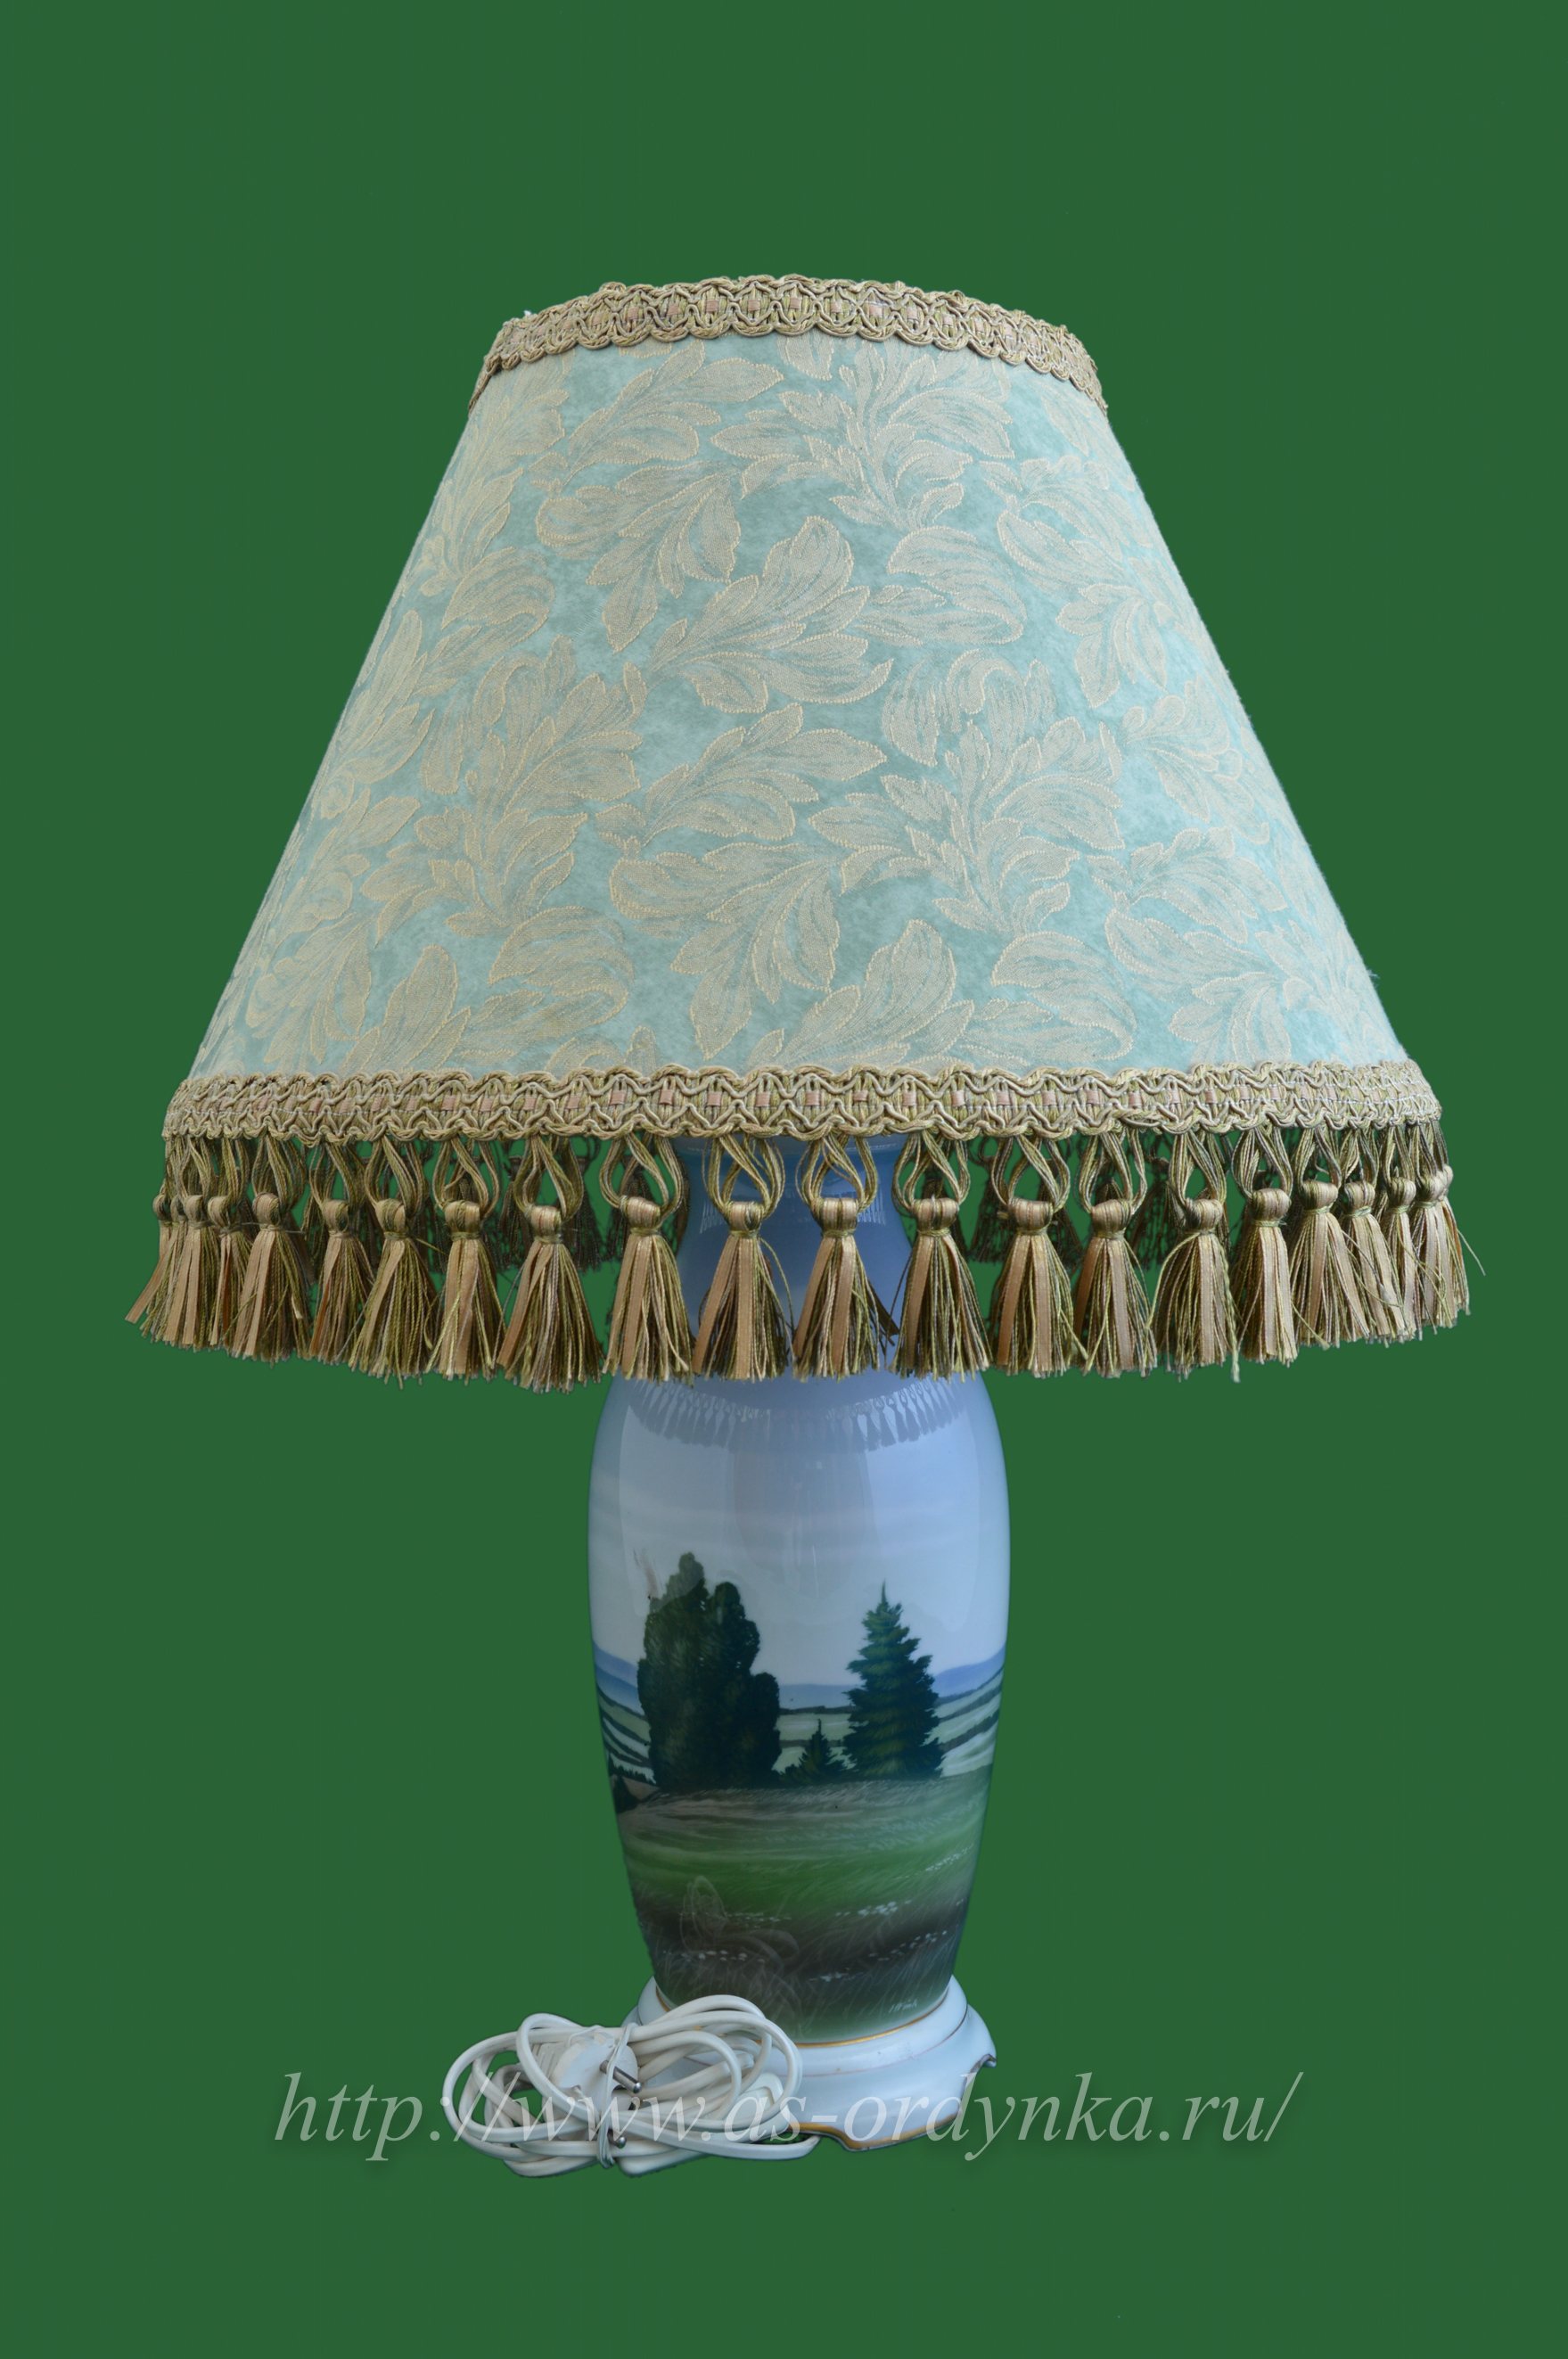 Лампа для маникюра в Беларуси Сравнить цены, купить